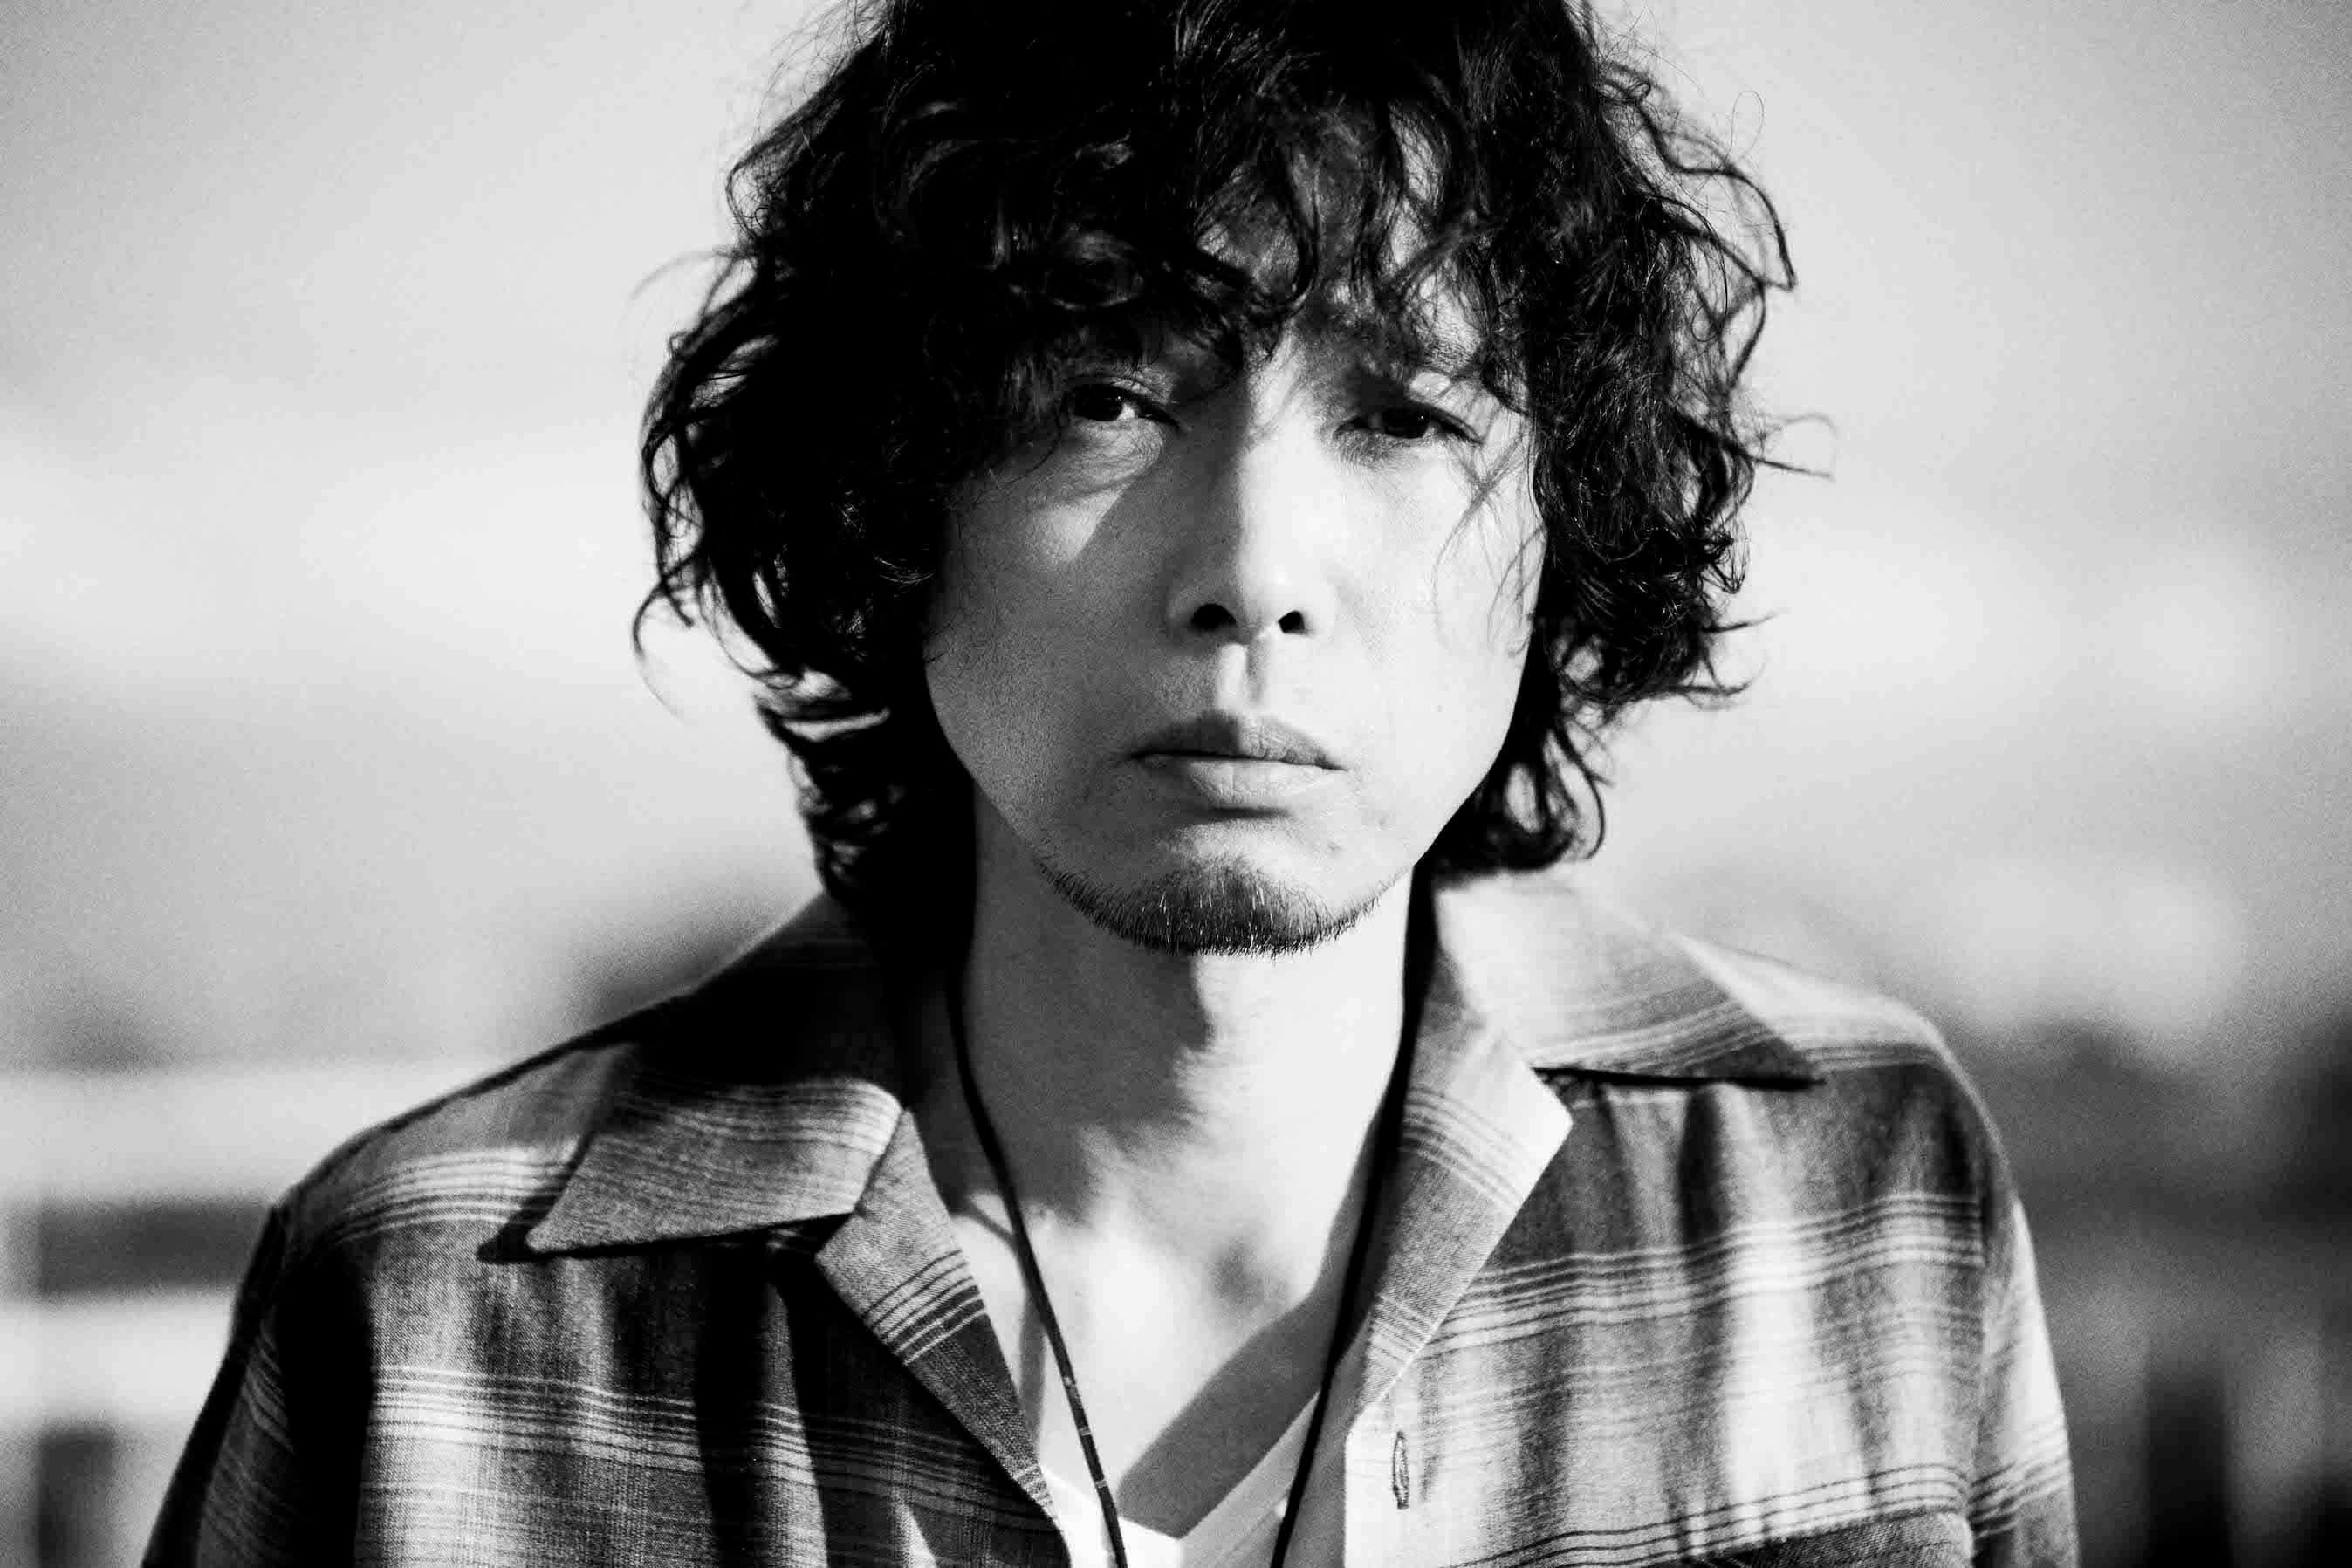 斉藤和義 スマホで撮影、編集、監修した 新曲「アレ」MVを公開